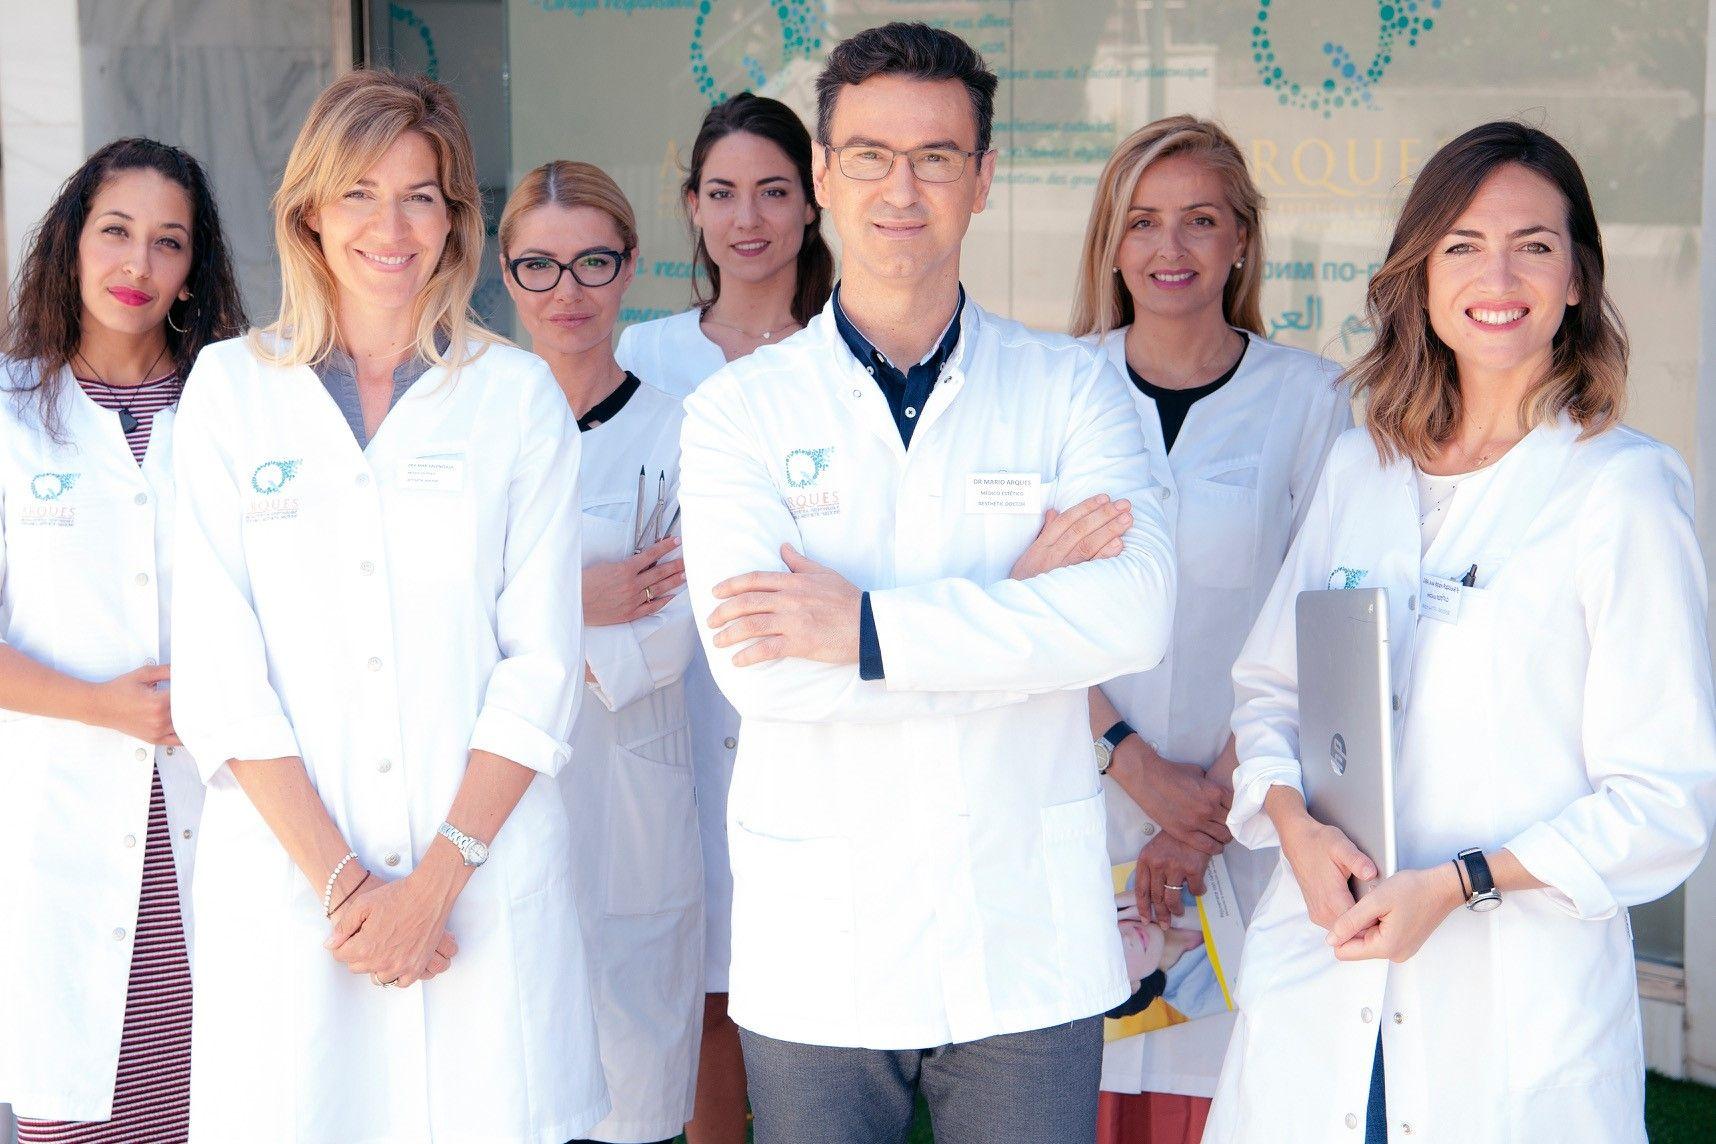 Fotografia Equipo solidario de Arques Clinic